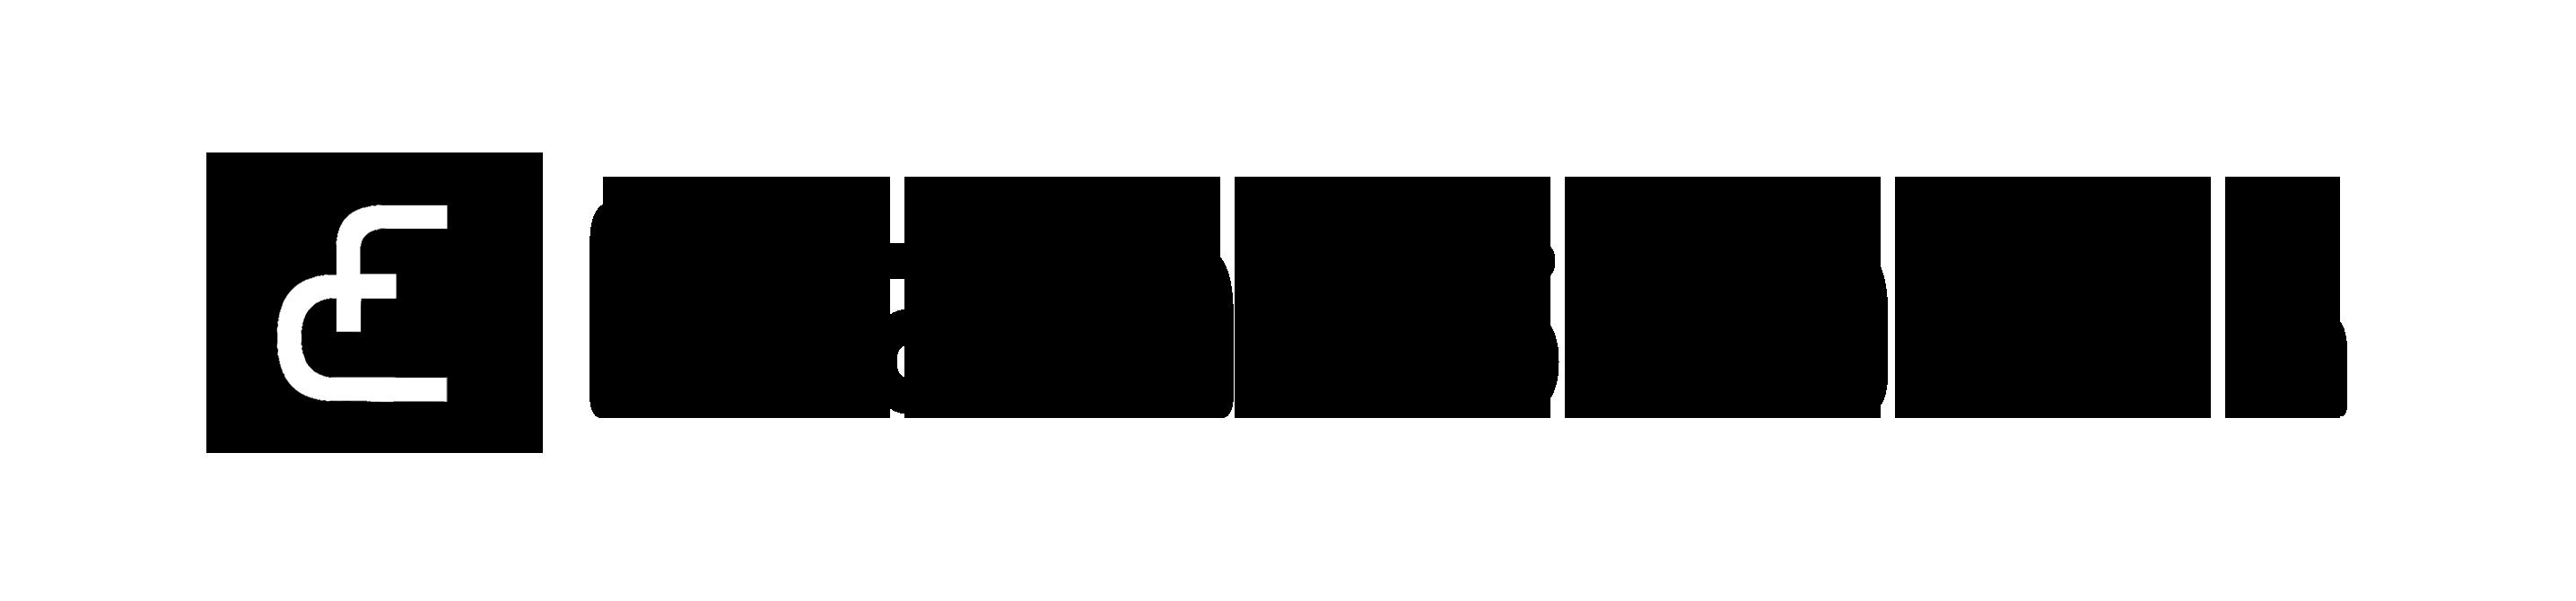 Framescart